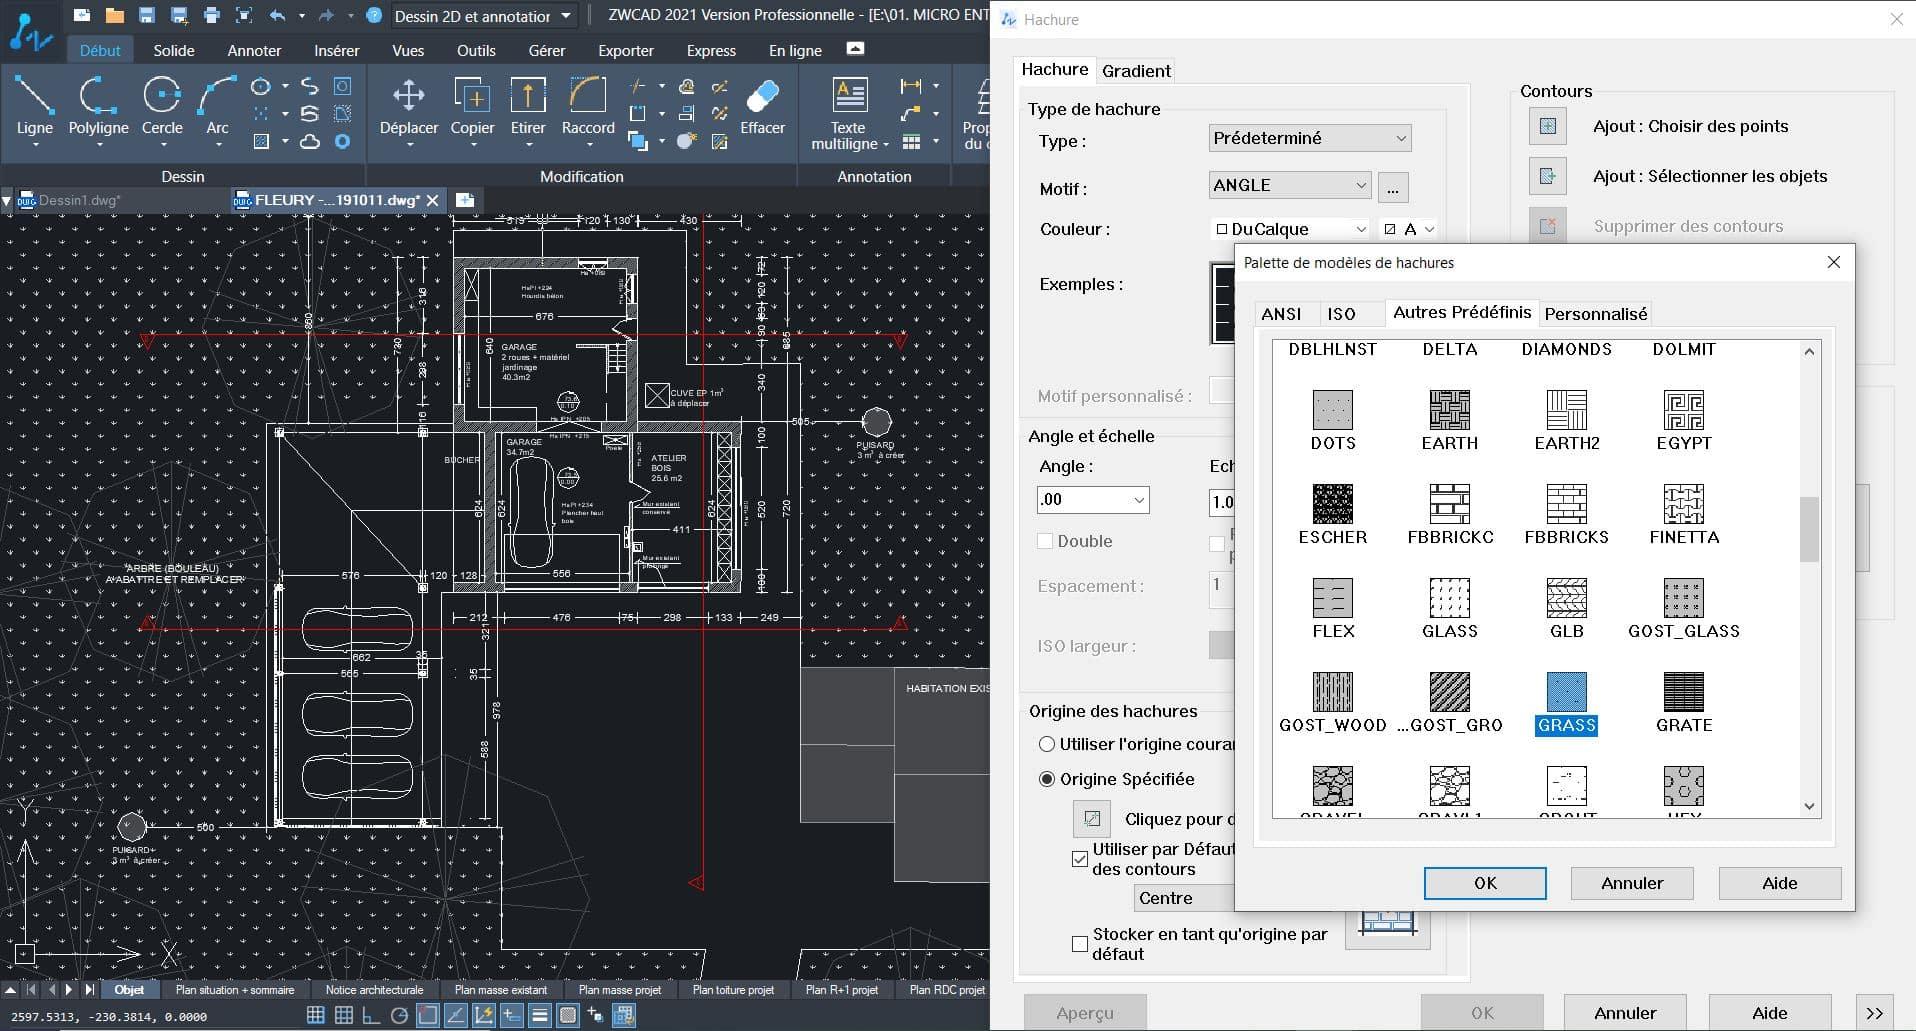 ZWCAD, logiciel de dessin 2D DAO